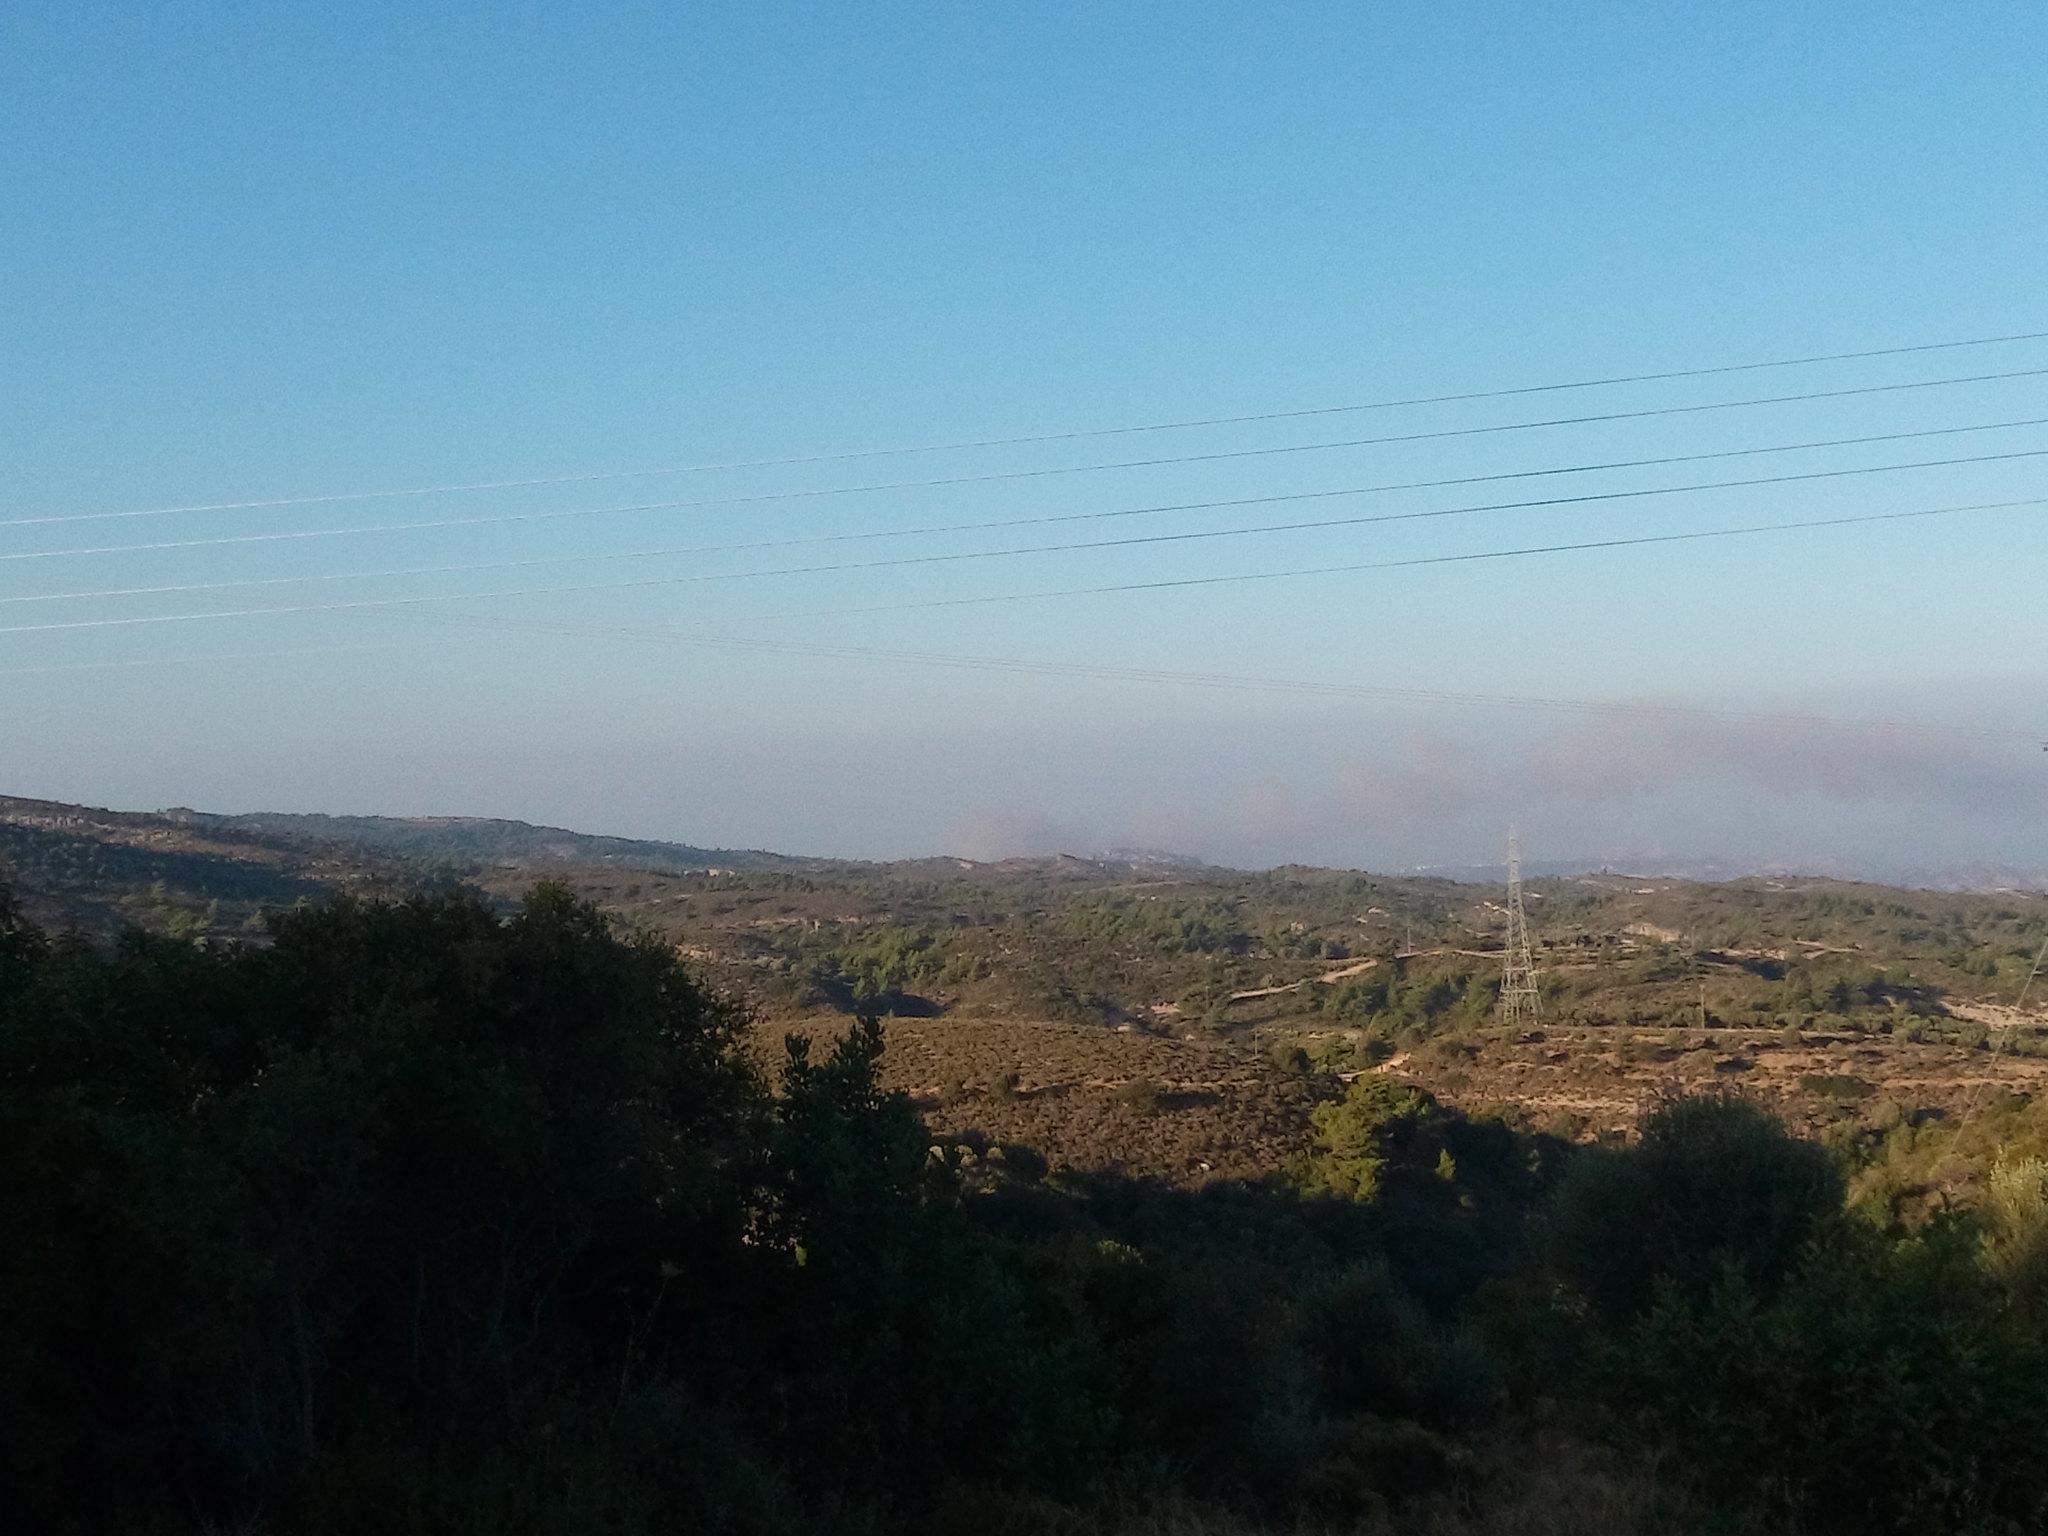 Ο καπνός από την μεγάλη φωτιά μεταξύ Παστίδας και Ιαλυσού ορατος και από την Ψίνθο